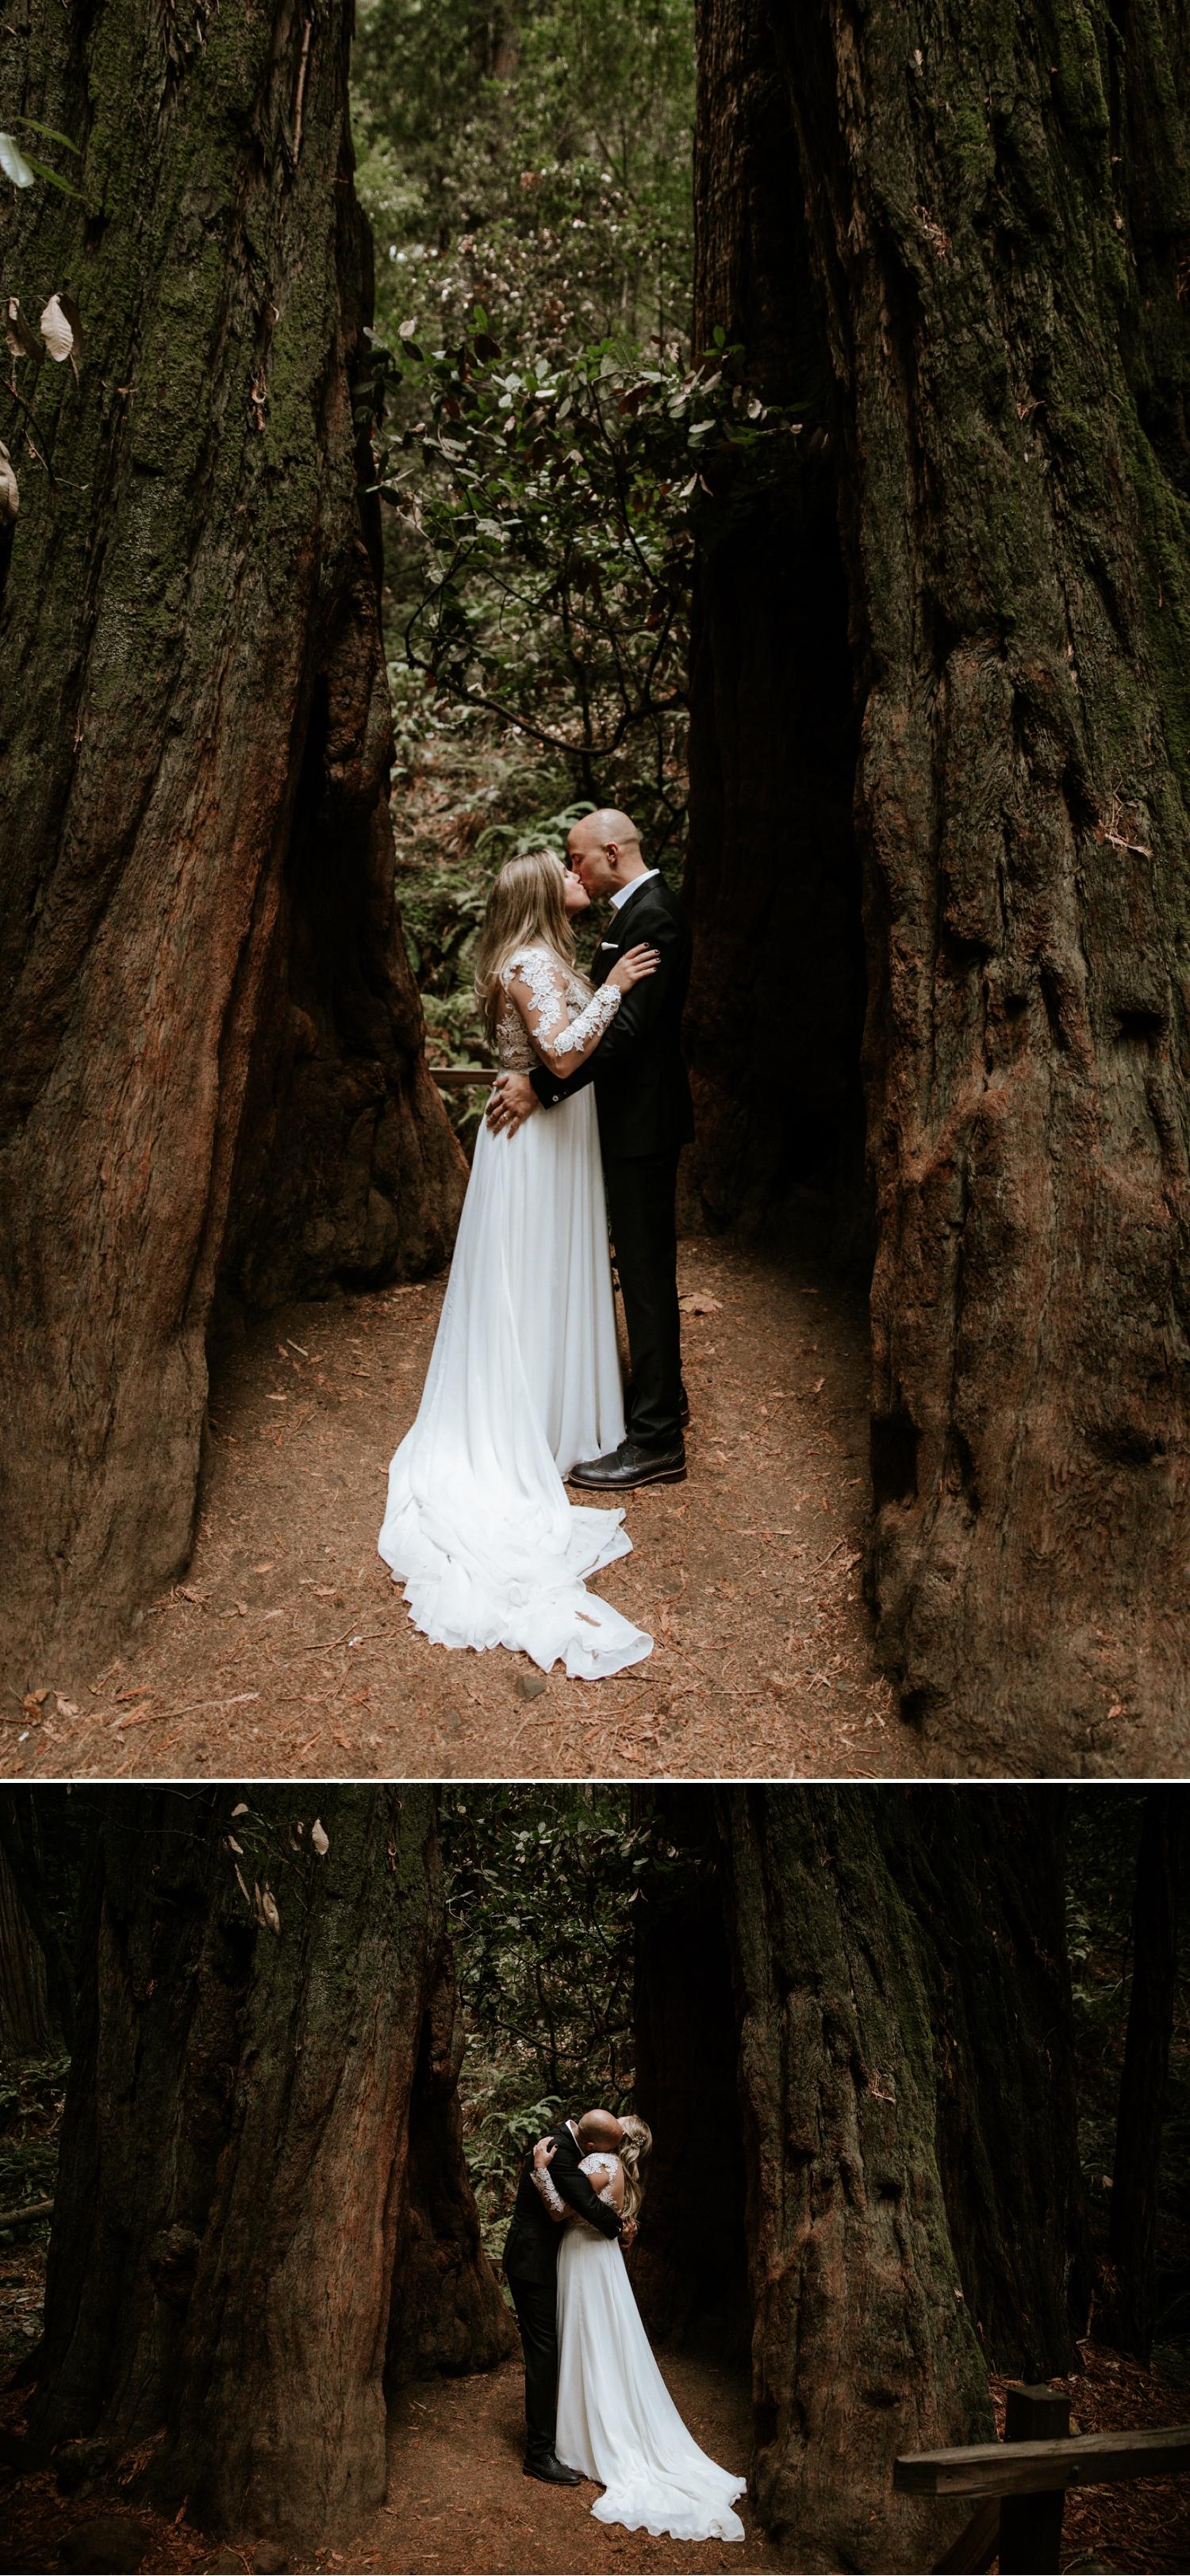 hannah-nick-intimate-muir-woods-wedding-25.jpg